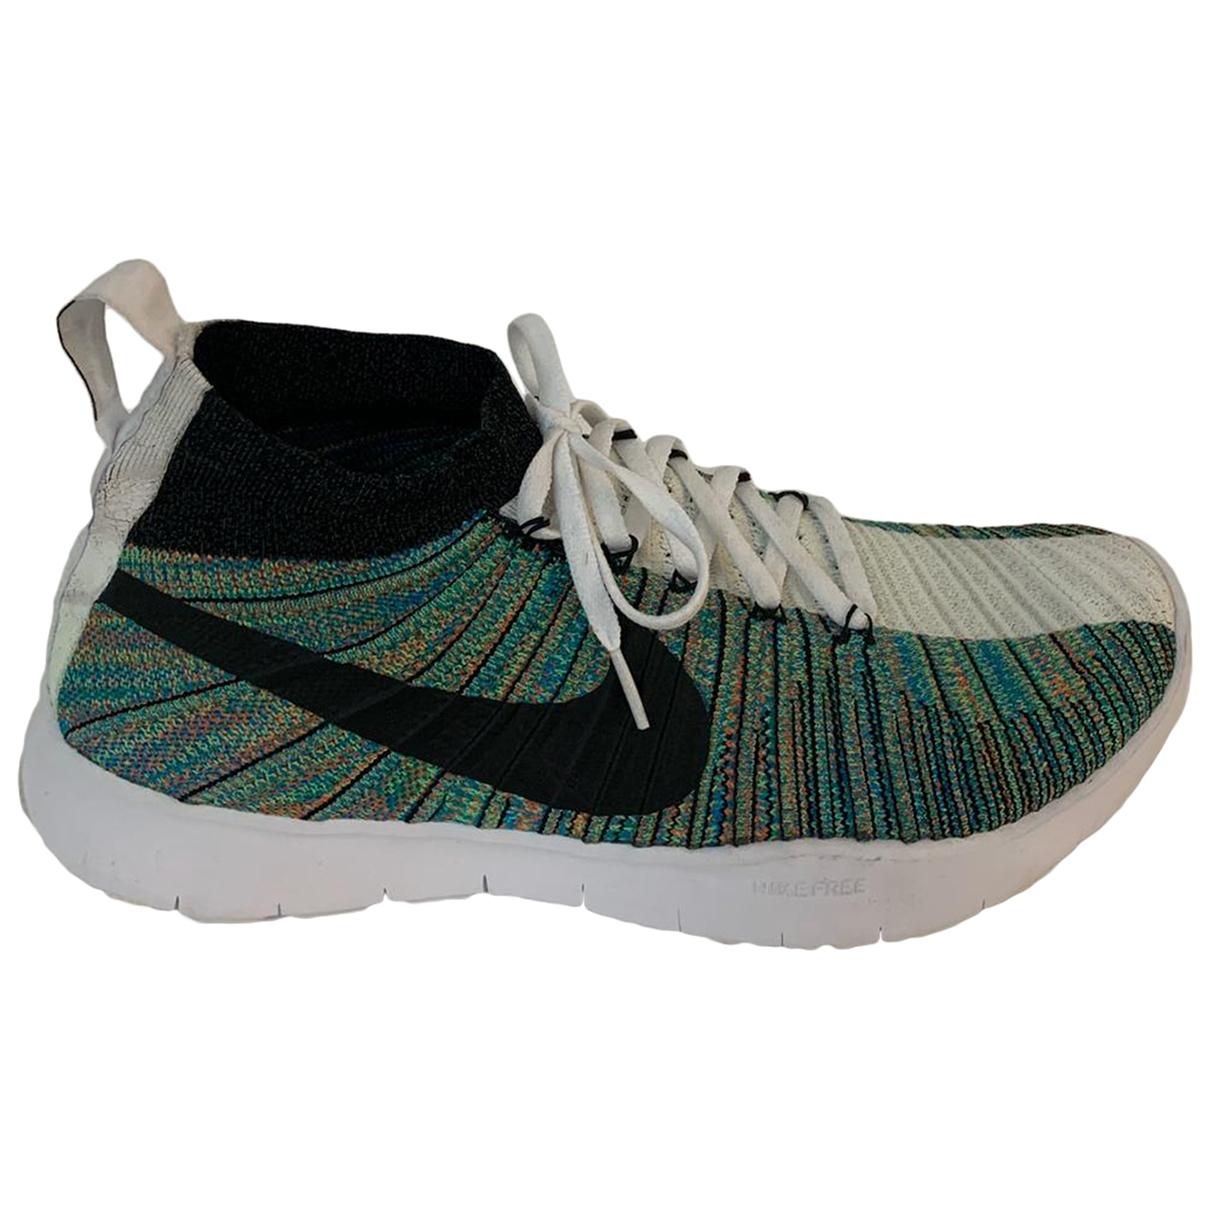 Nike By Riccardo Tisci - Baskets   pour homme en toile - multicolore